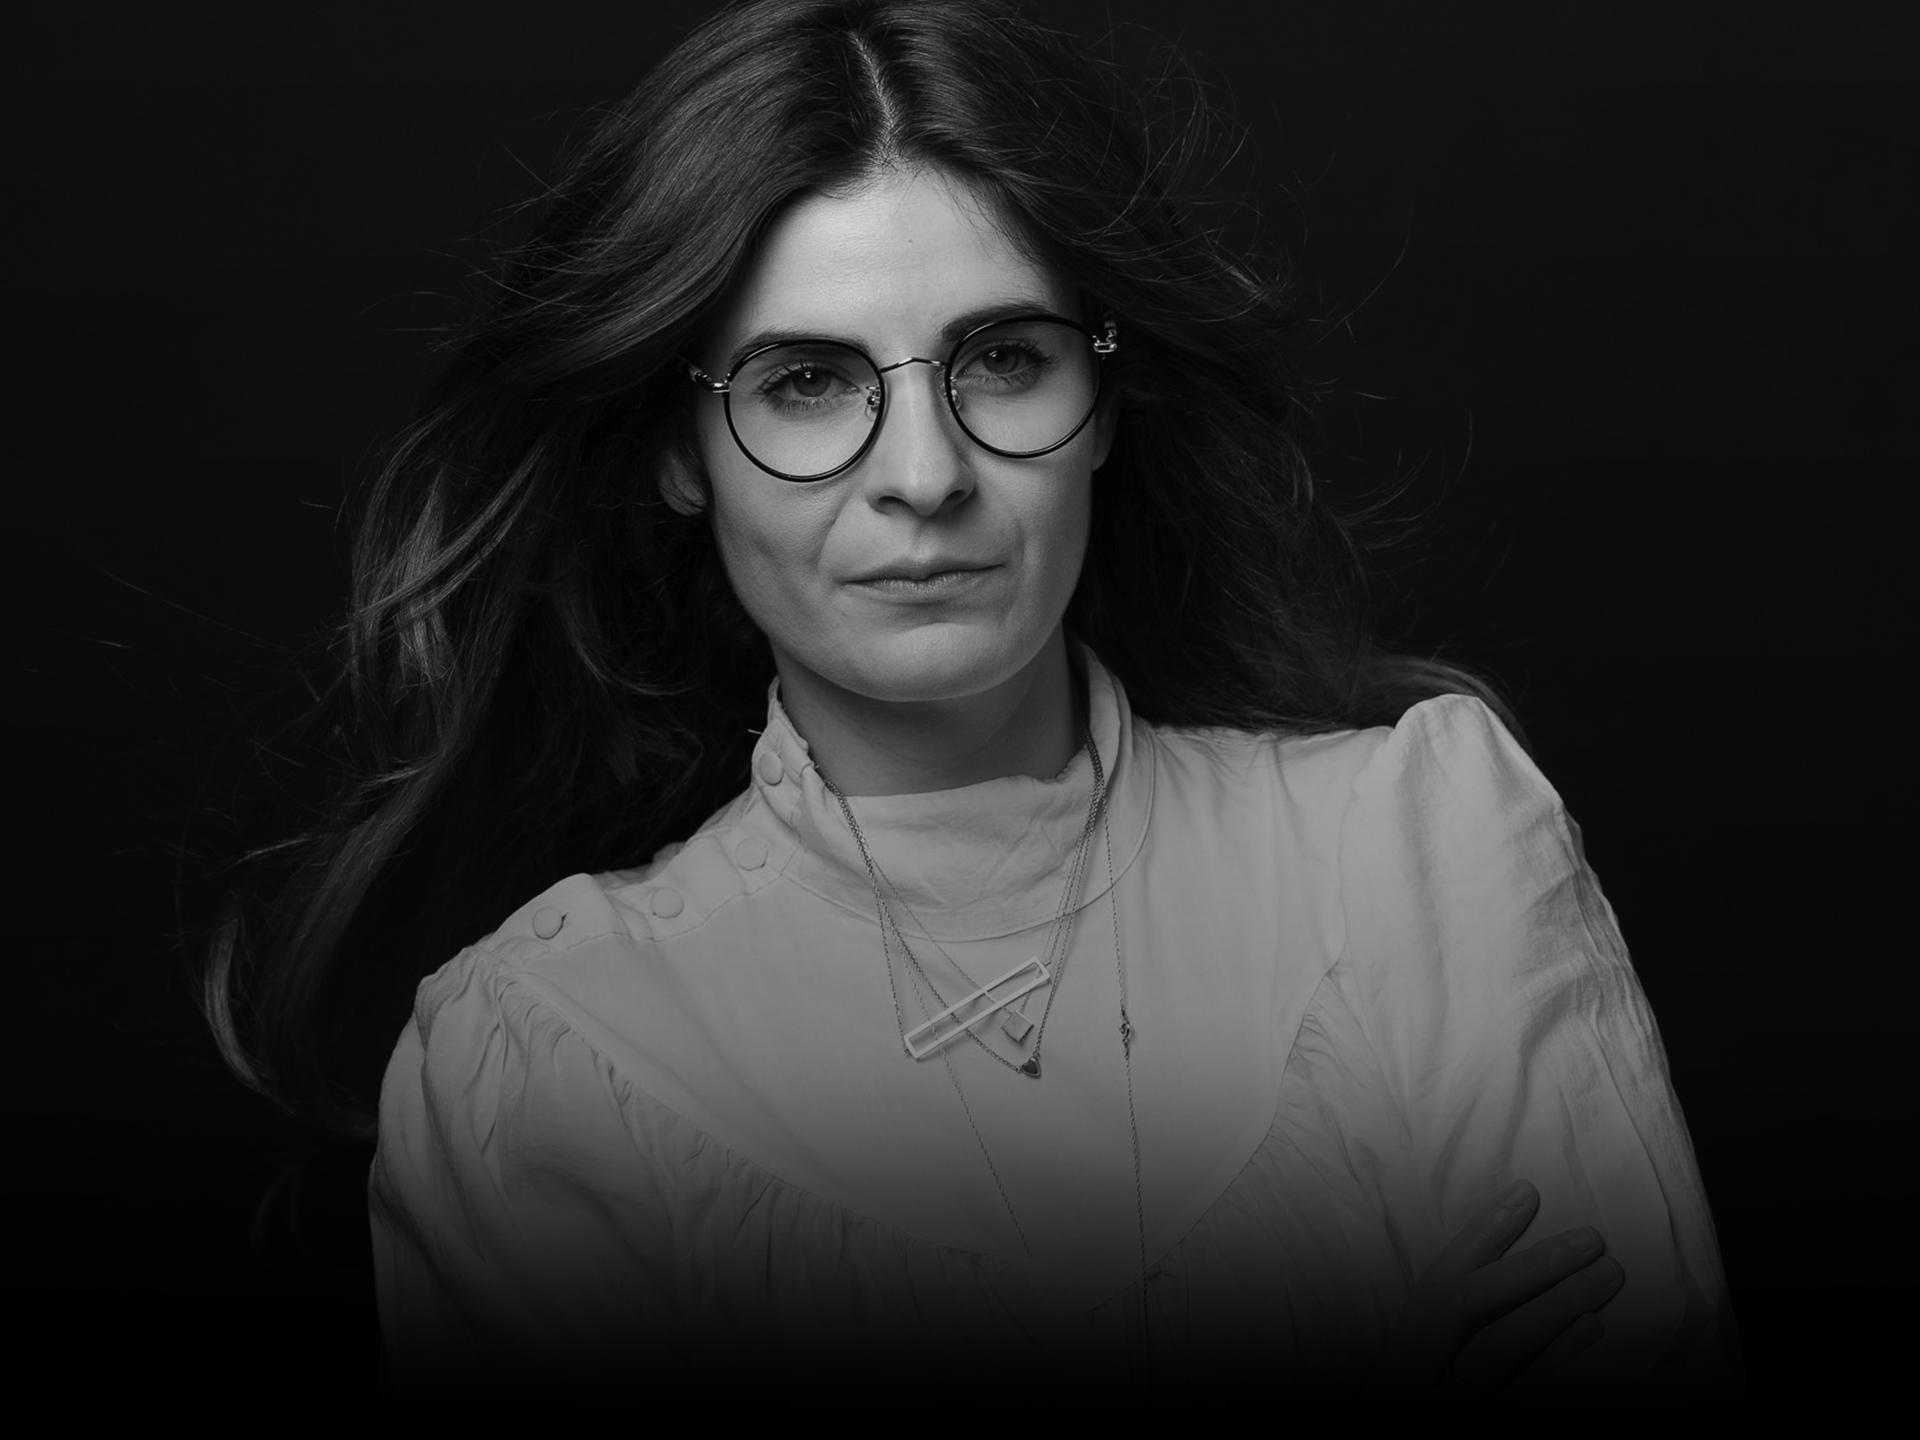 Image of Ioana Zamfir